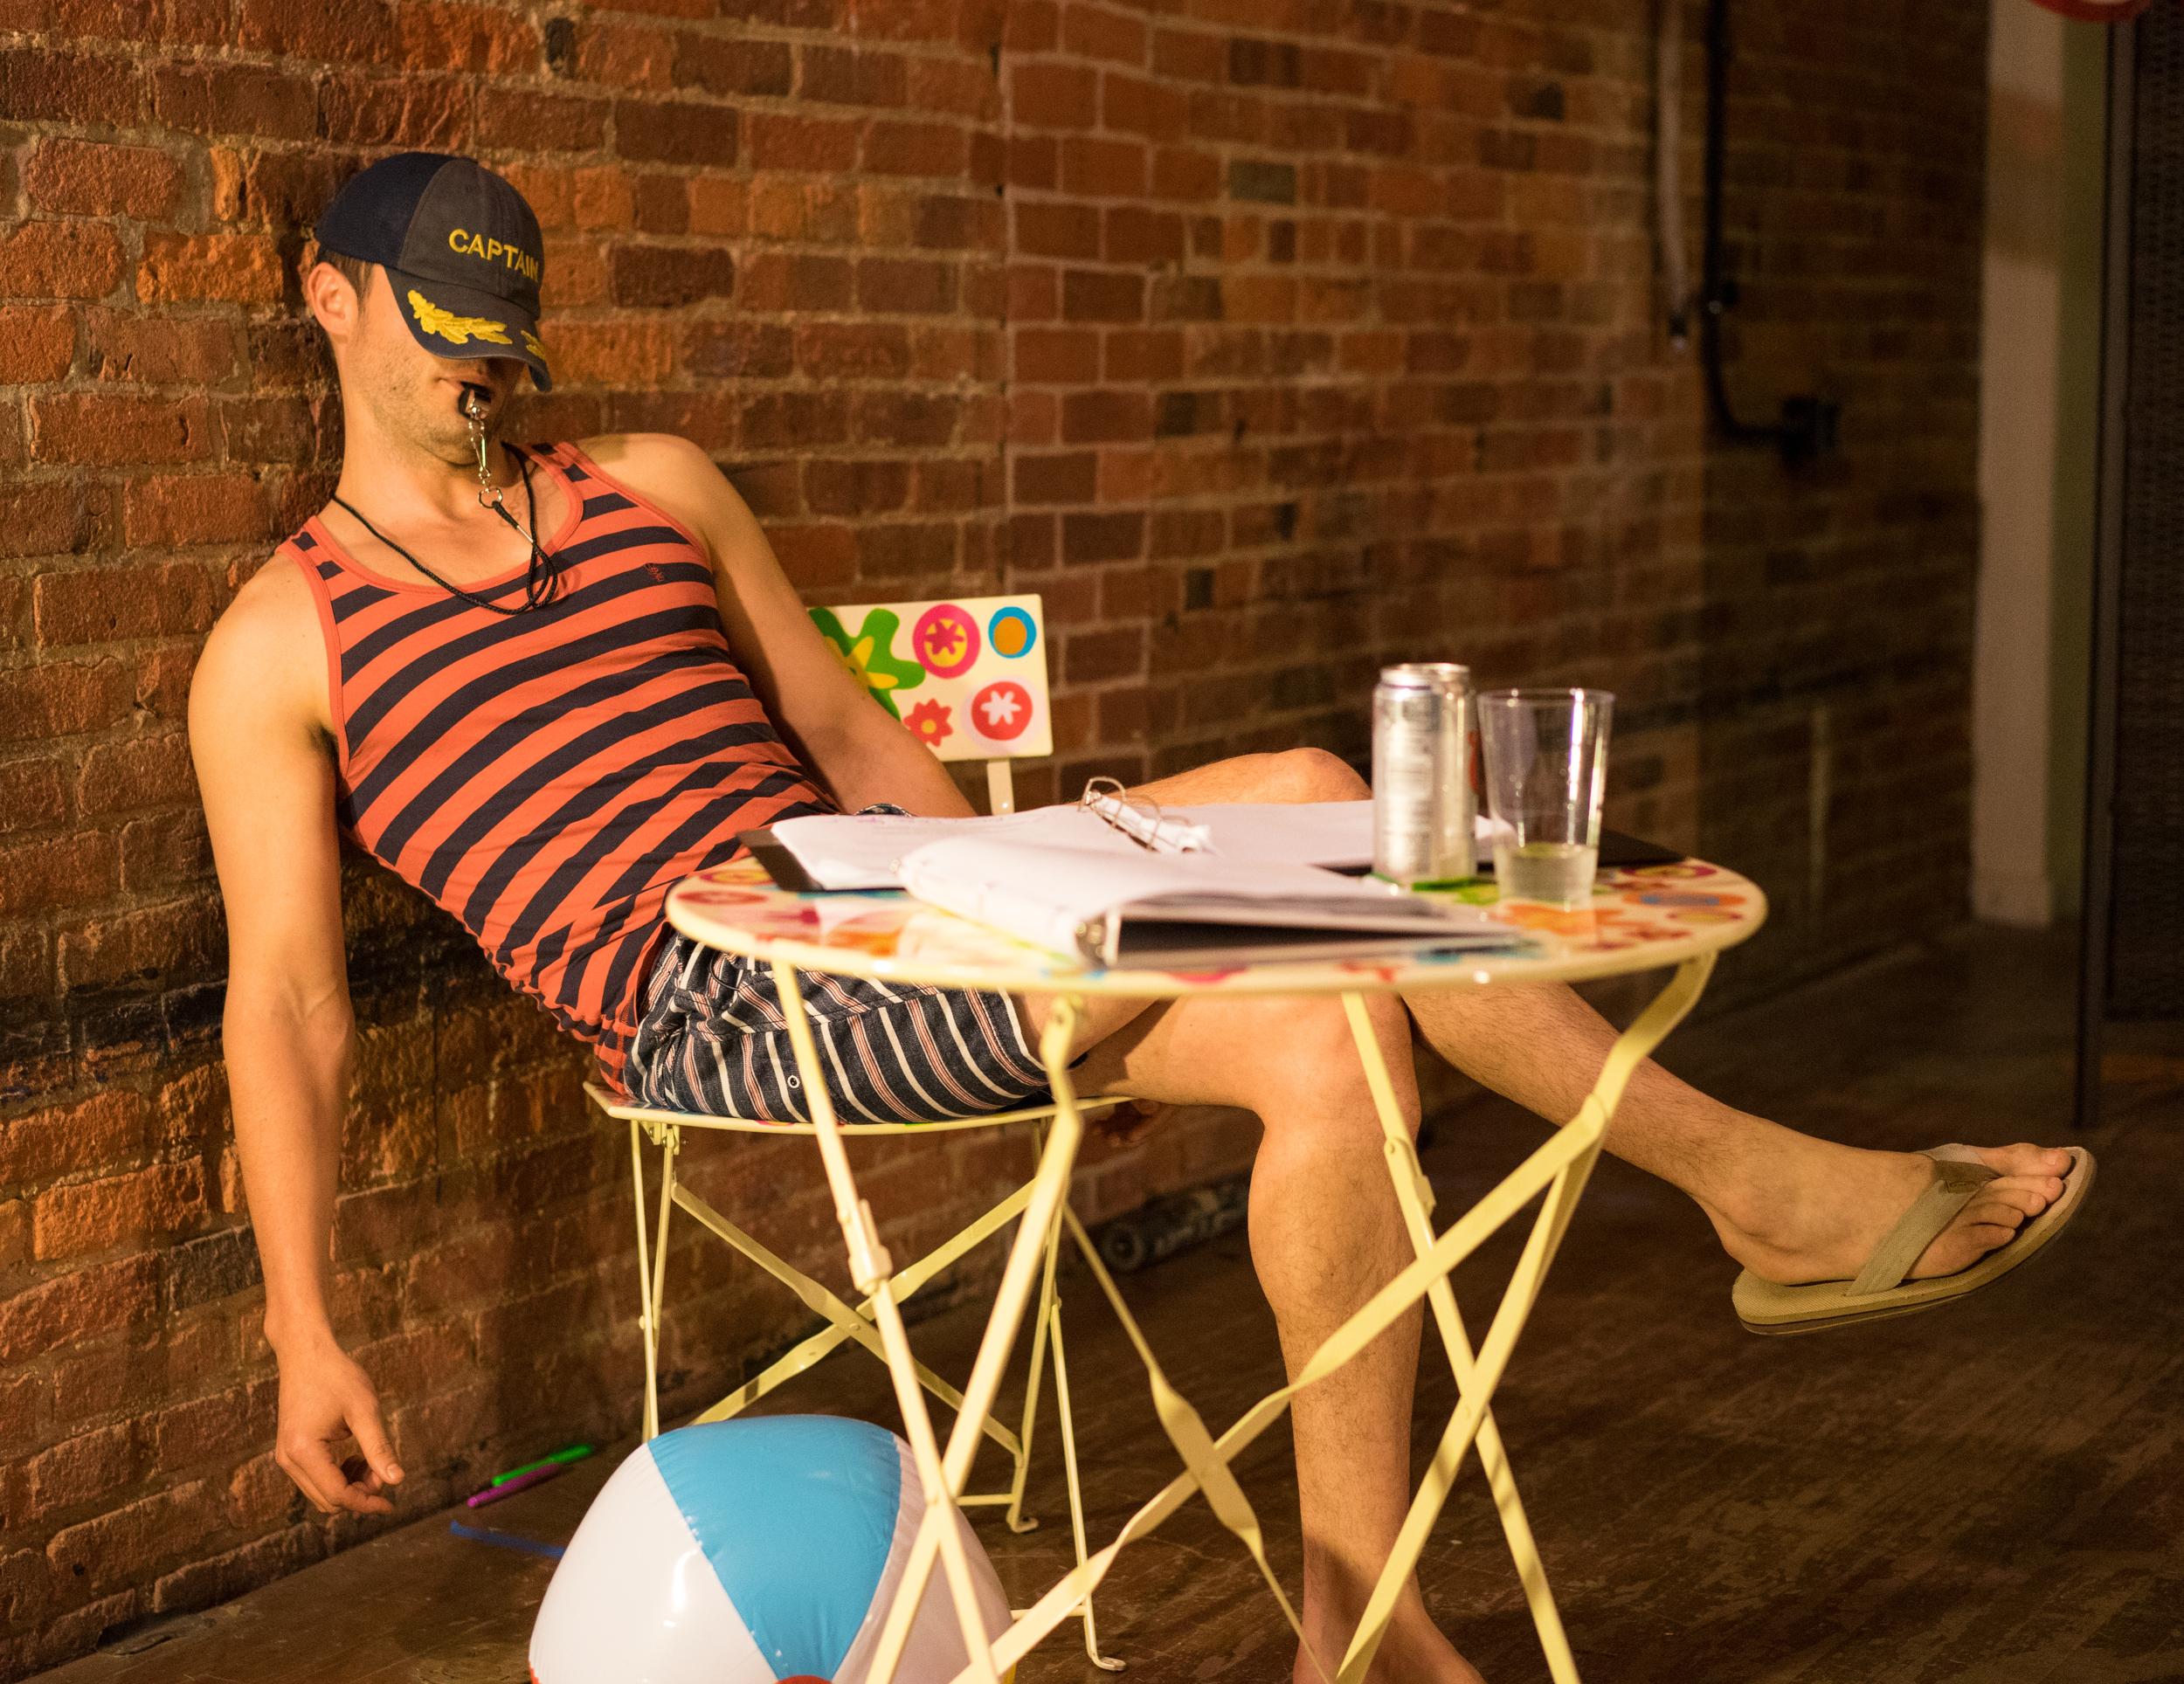 JAWS-Sleeping-Lifeguard.jpg